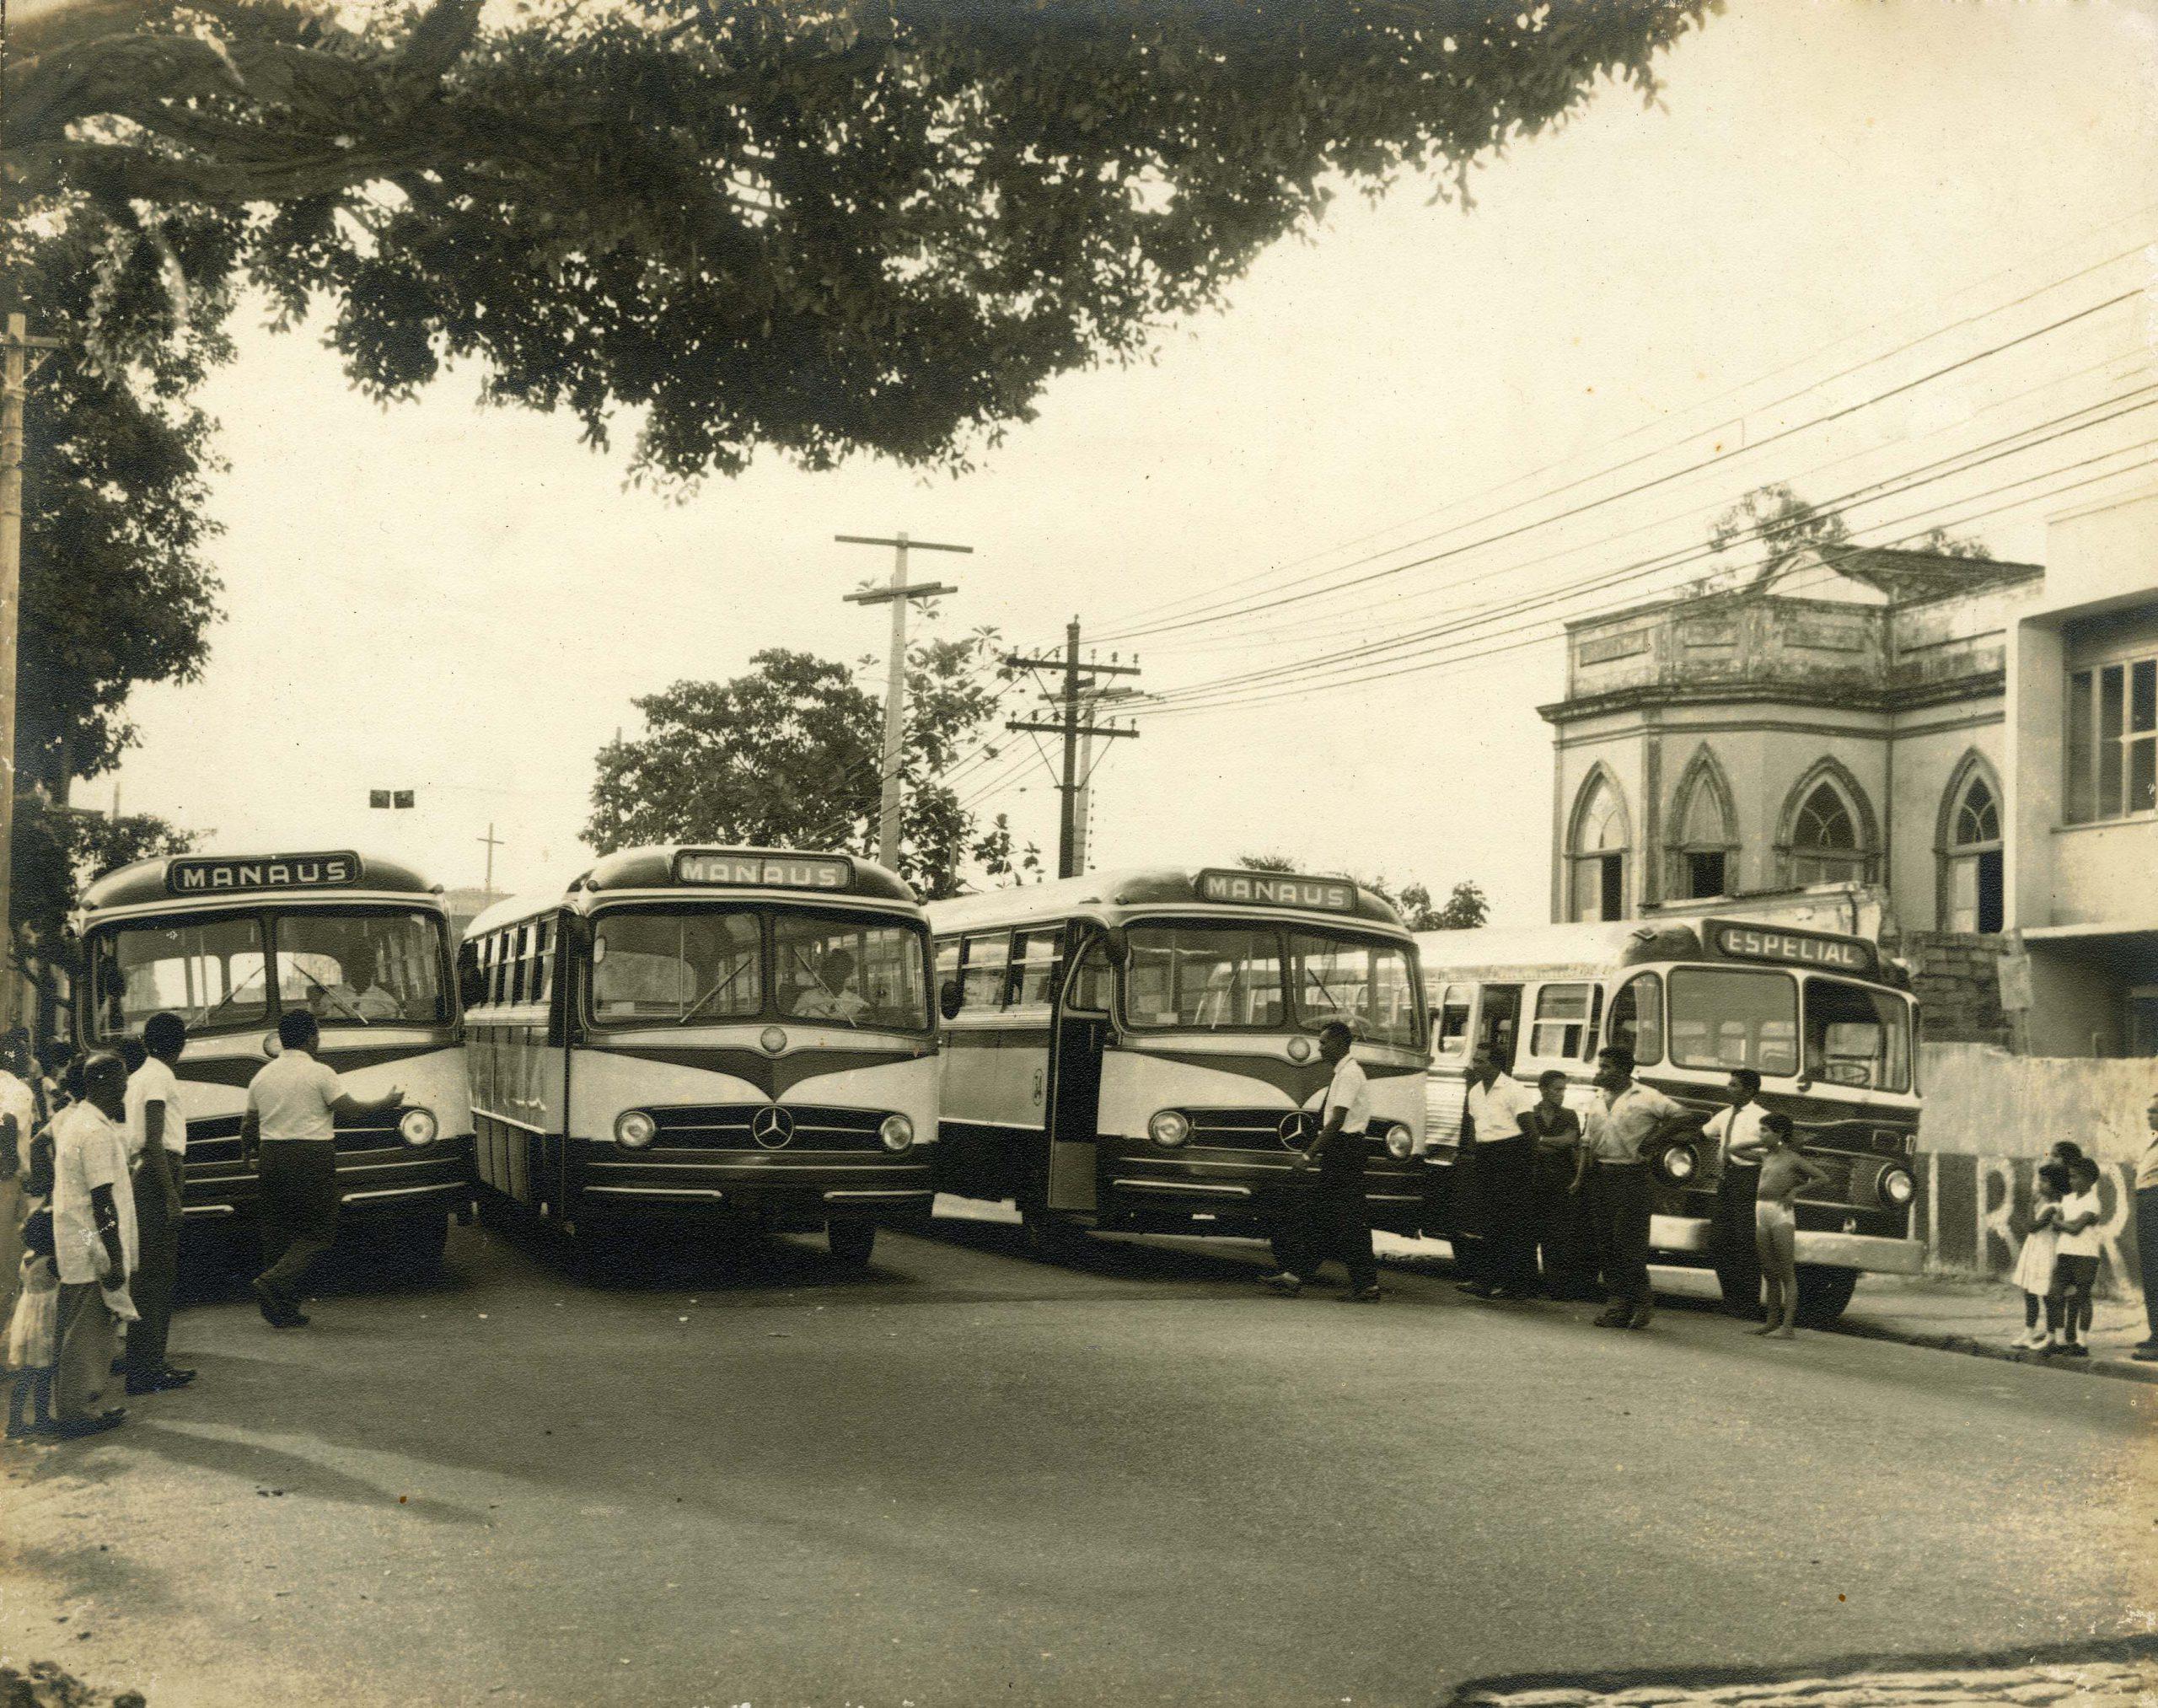 Ônibus antigos do transporte coletivo em Manaus - IDD